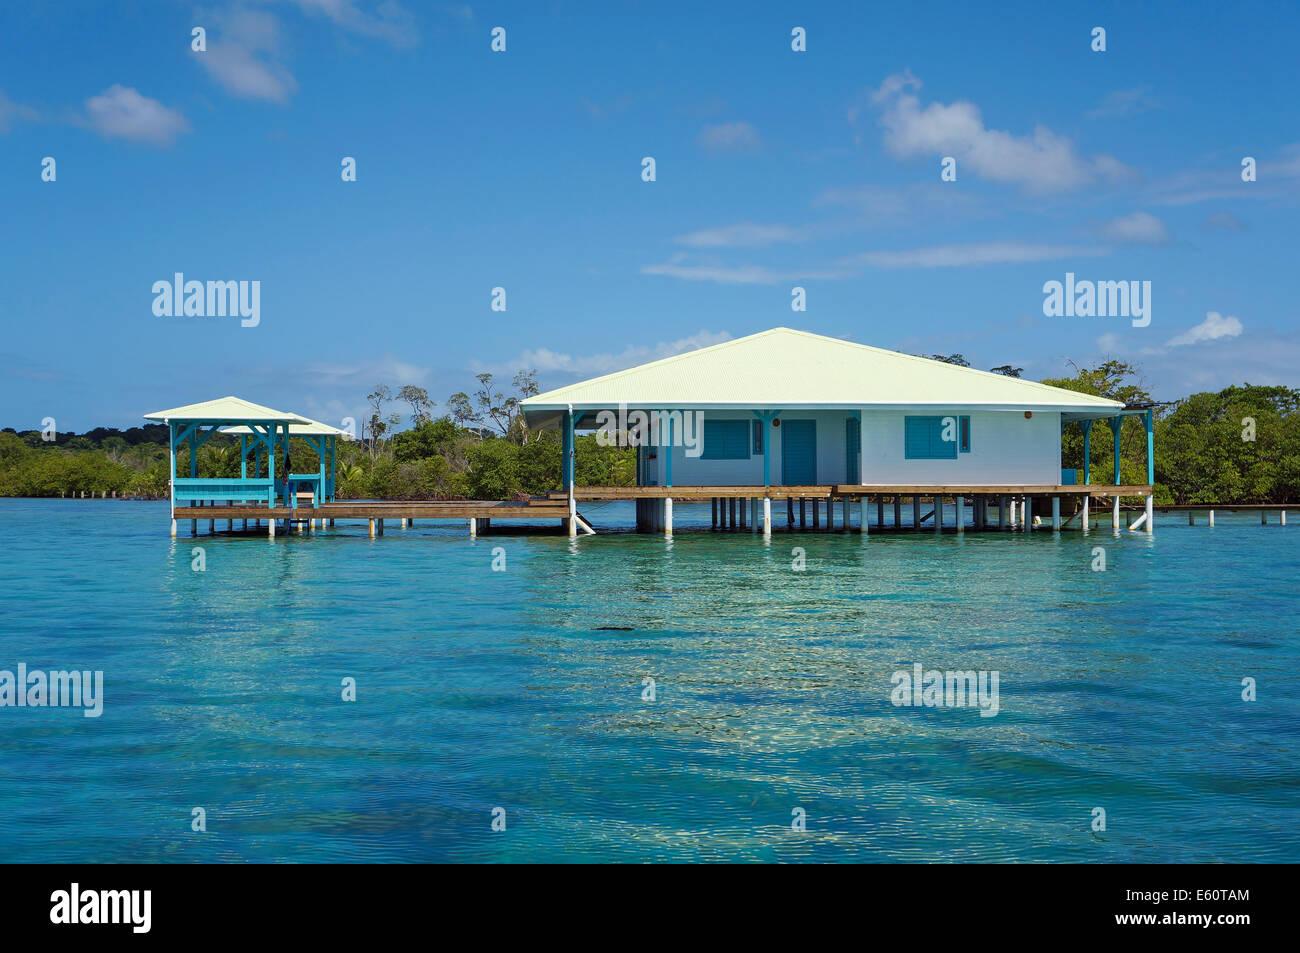 Caribe casa sobre palafitas sobre a gua panam am rica - Casas en el mar ...